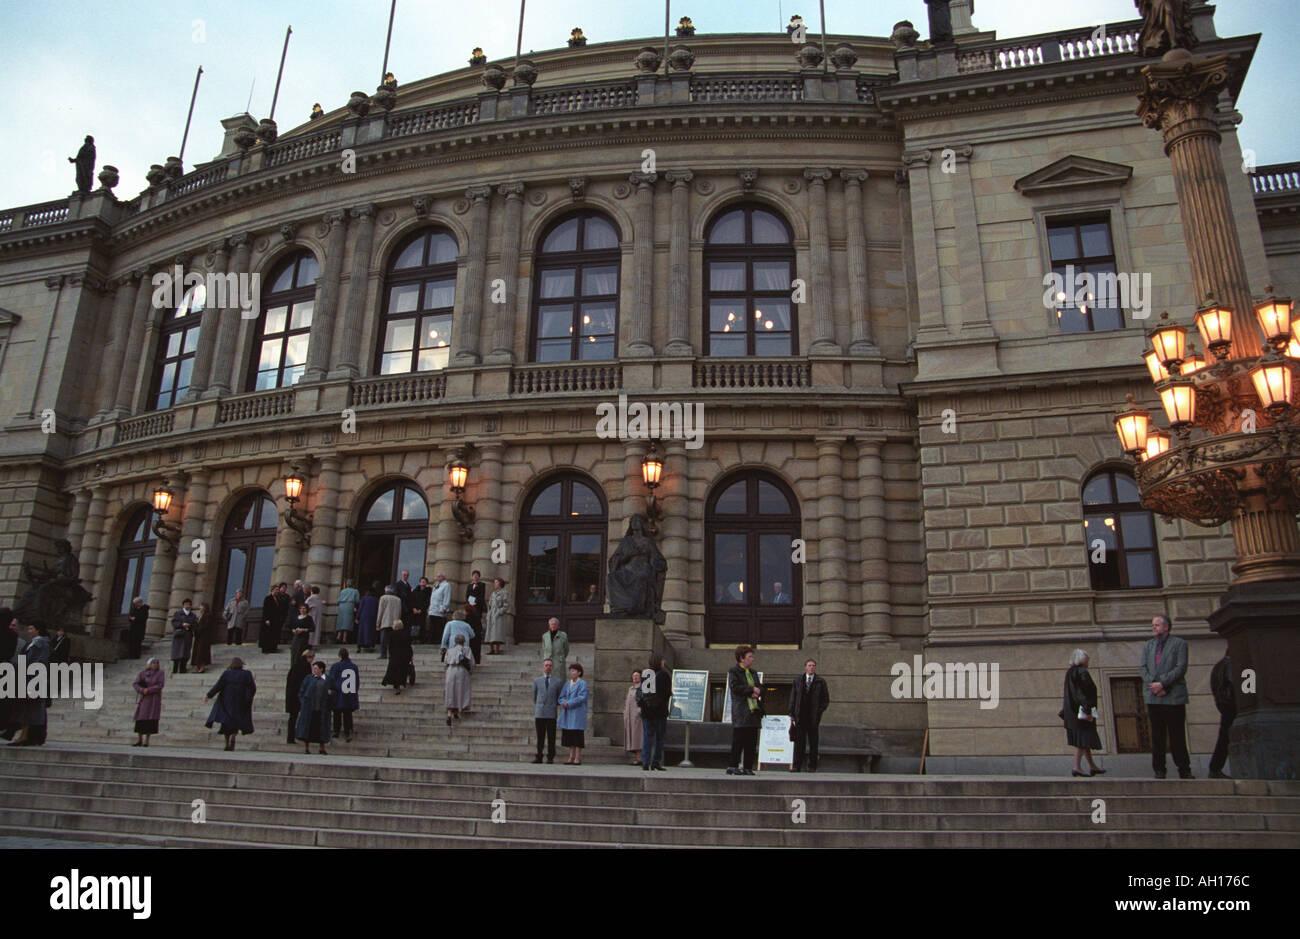 Top Czech Republic Literary, Art & Music Tours - viator.com